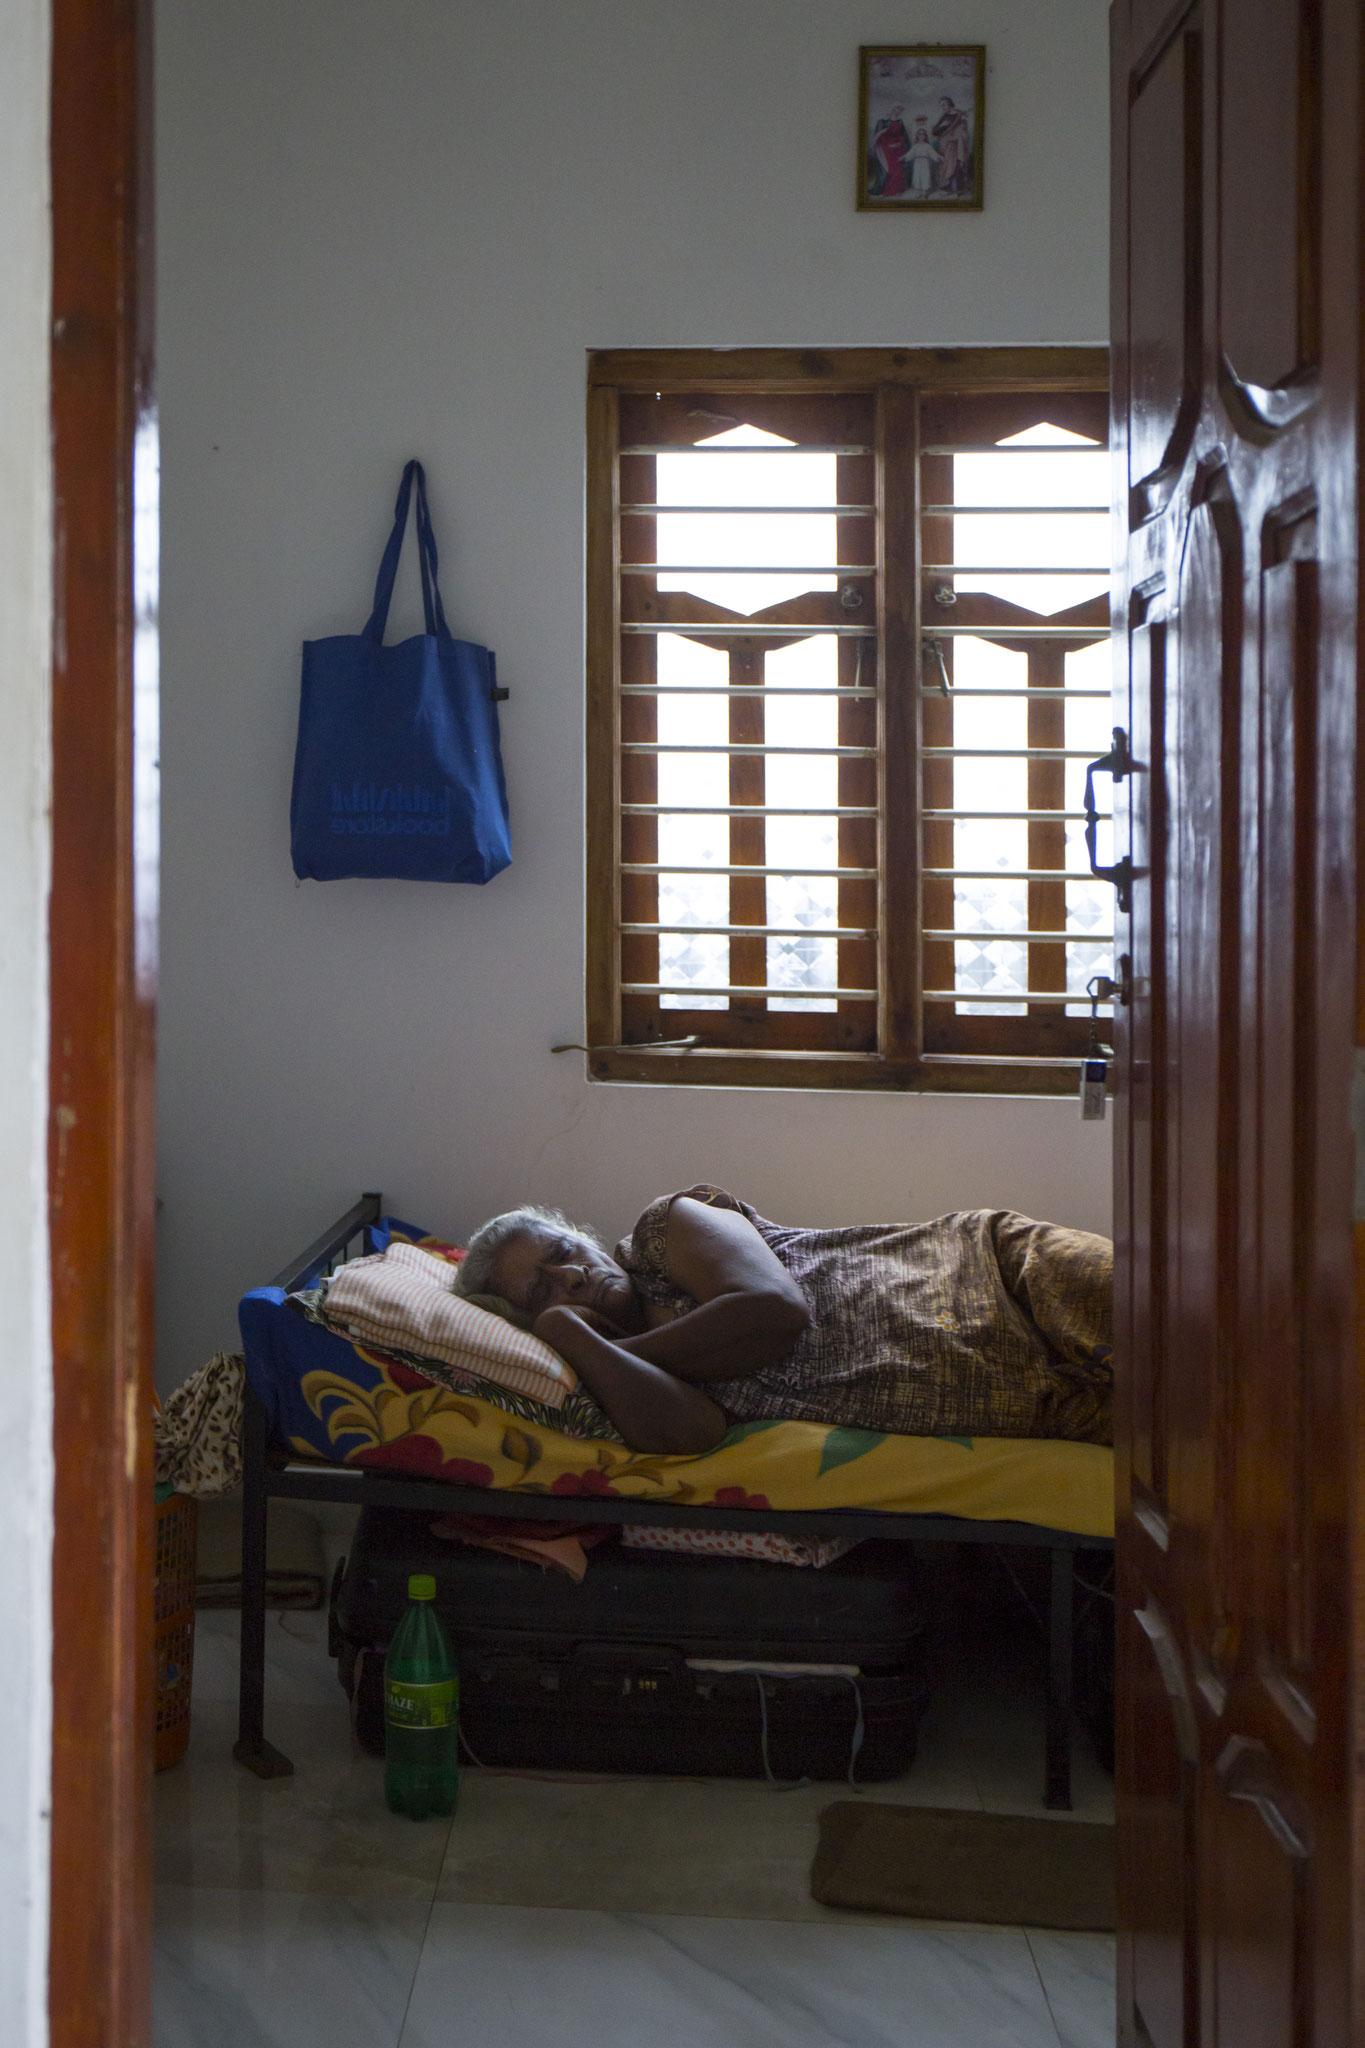 Amma ist häufig sehr müde und schläft tagsüber mal im Flur des Gasthauses oder in ihrem Bett bei offener Tür. Mullaitivu, 2018